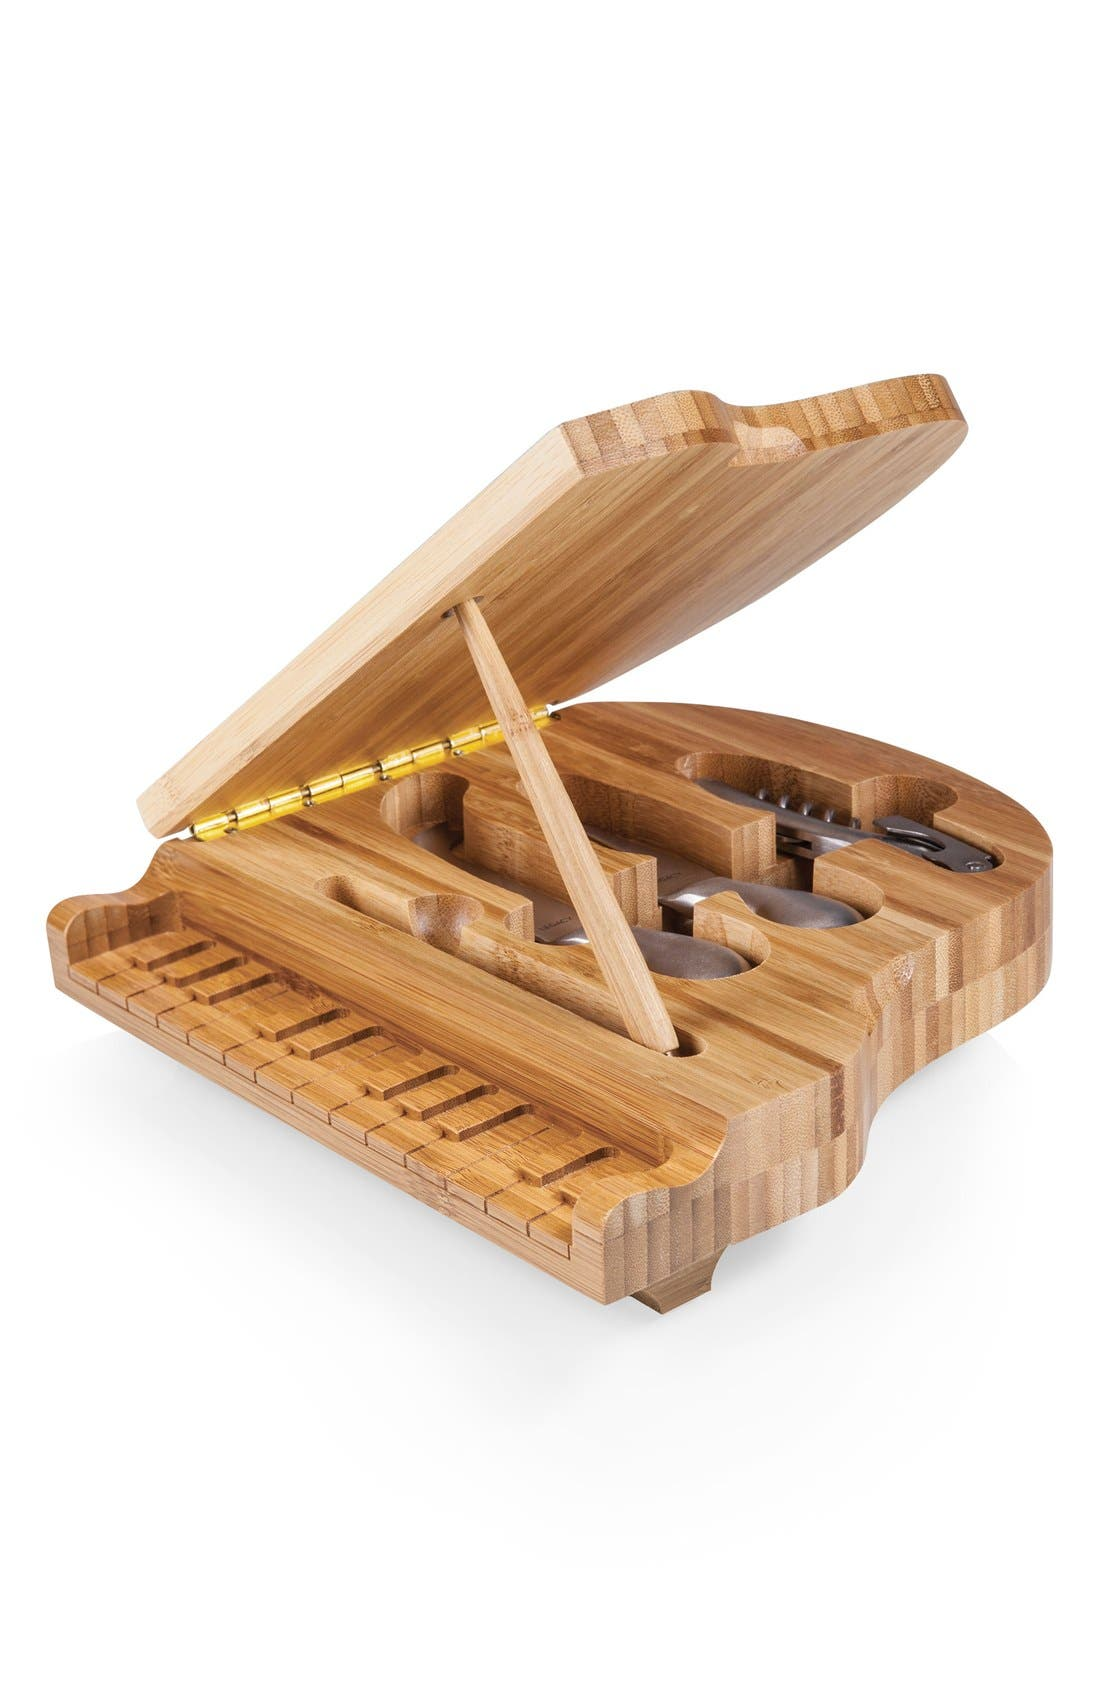 Main Image - Picnic Time 'Piano' Cheese Board Set